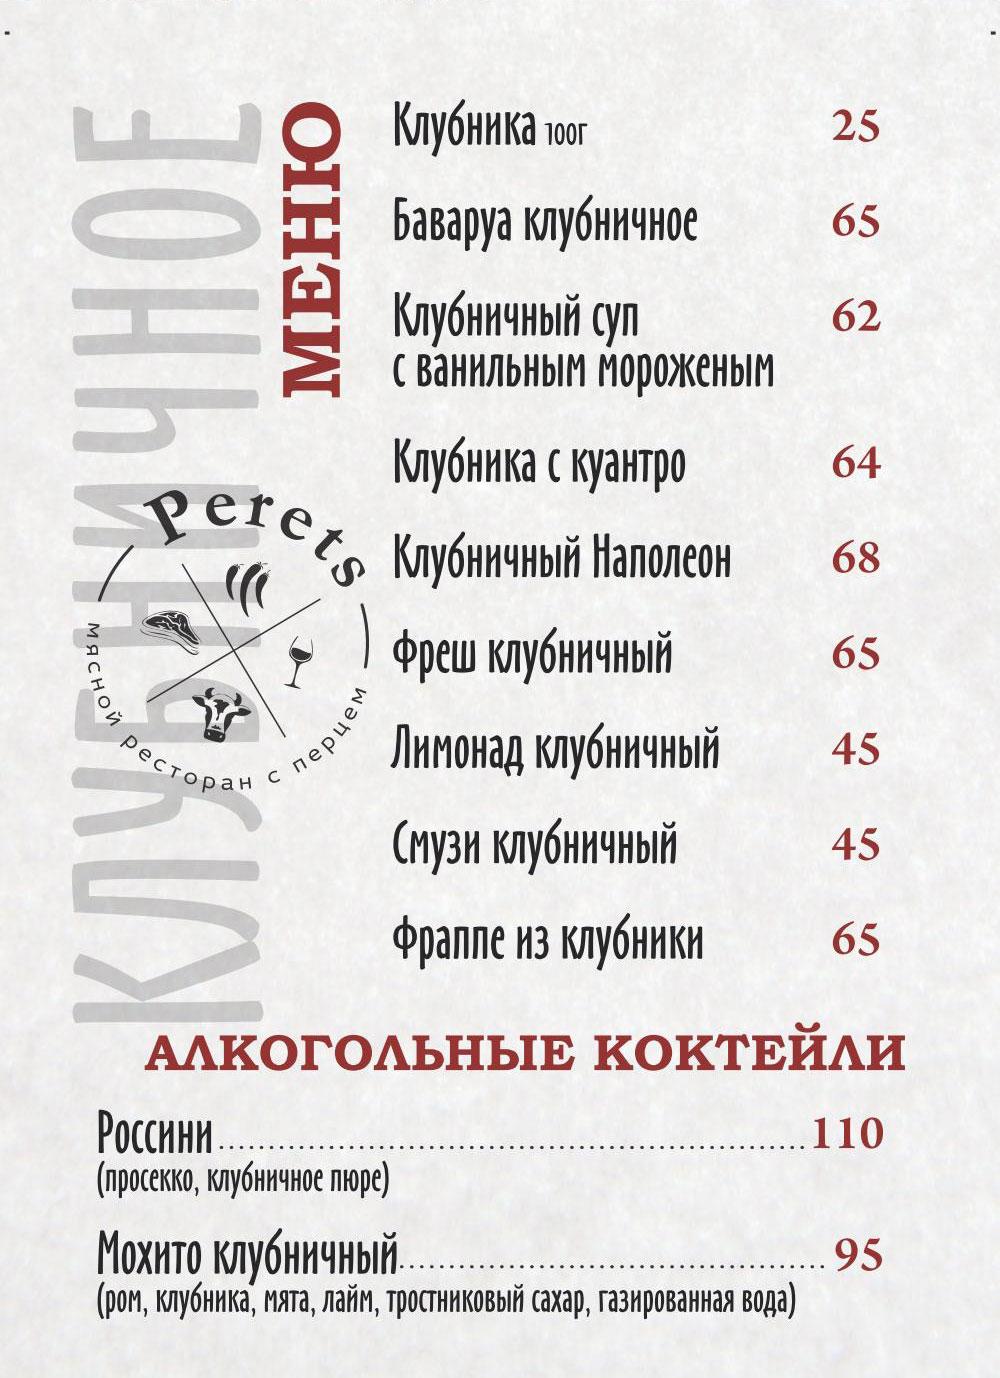 Клубничное меню в ресторане PERETS